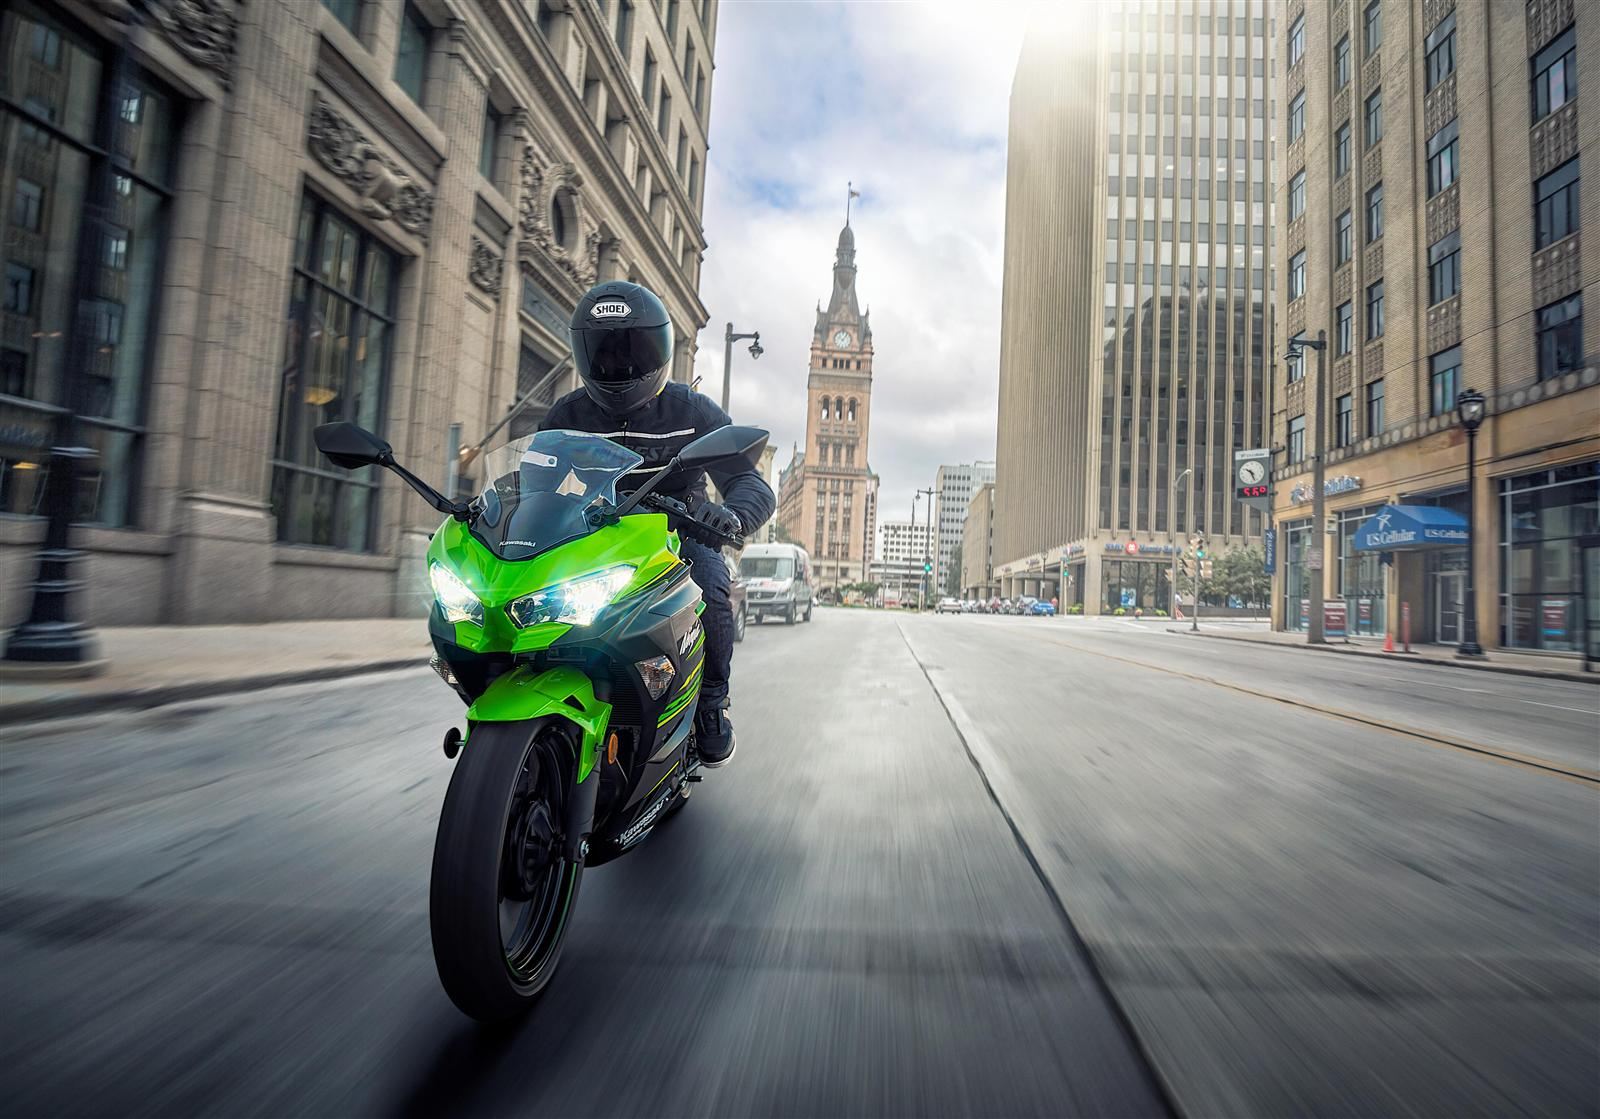 Kawasaki Ninja 400 na miasto